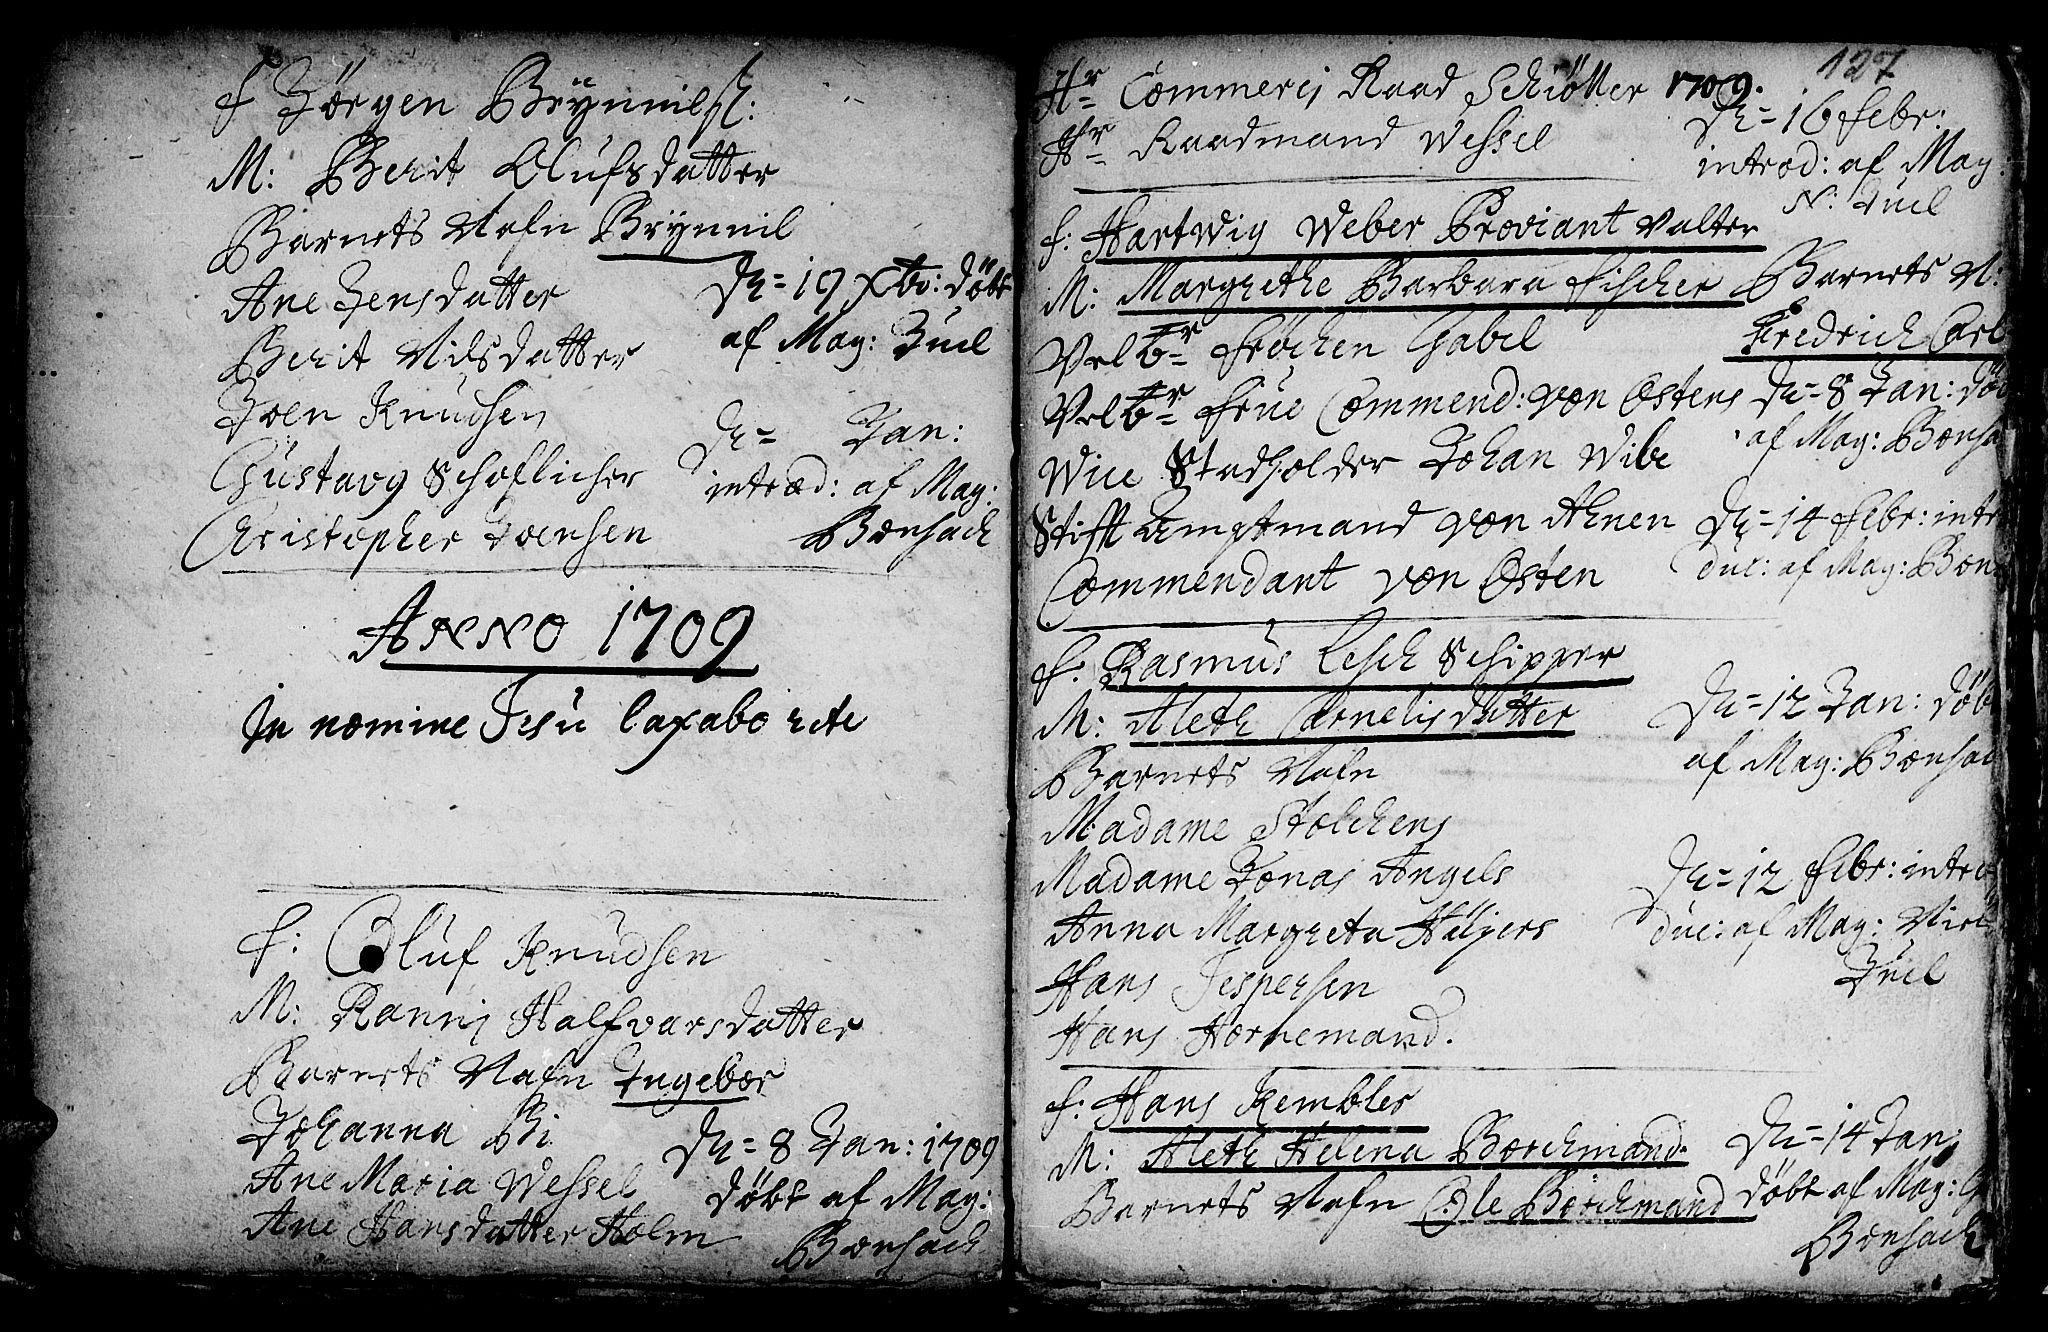 SAT, Ministerialprotokoller, klokkerbøker og fødselsregistre - Sør-Trøndelag, 601/L0034: Ministerialbok nr. 601A02, 1702-1714, s. 127